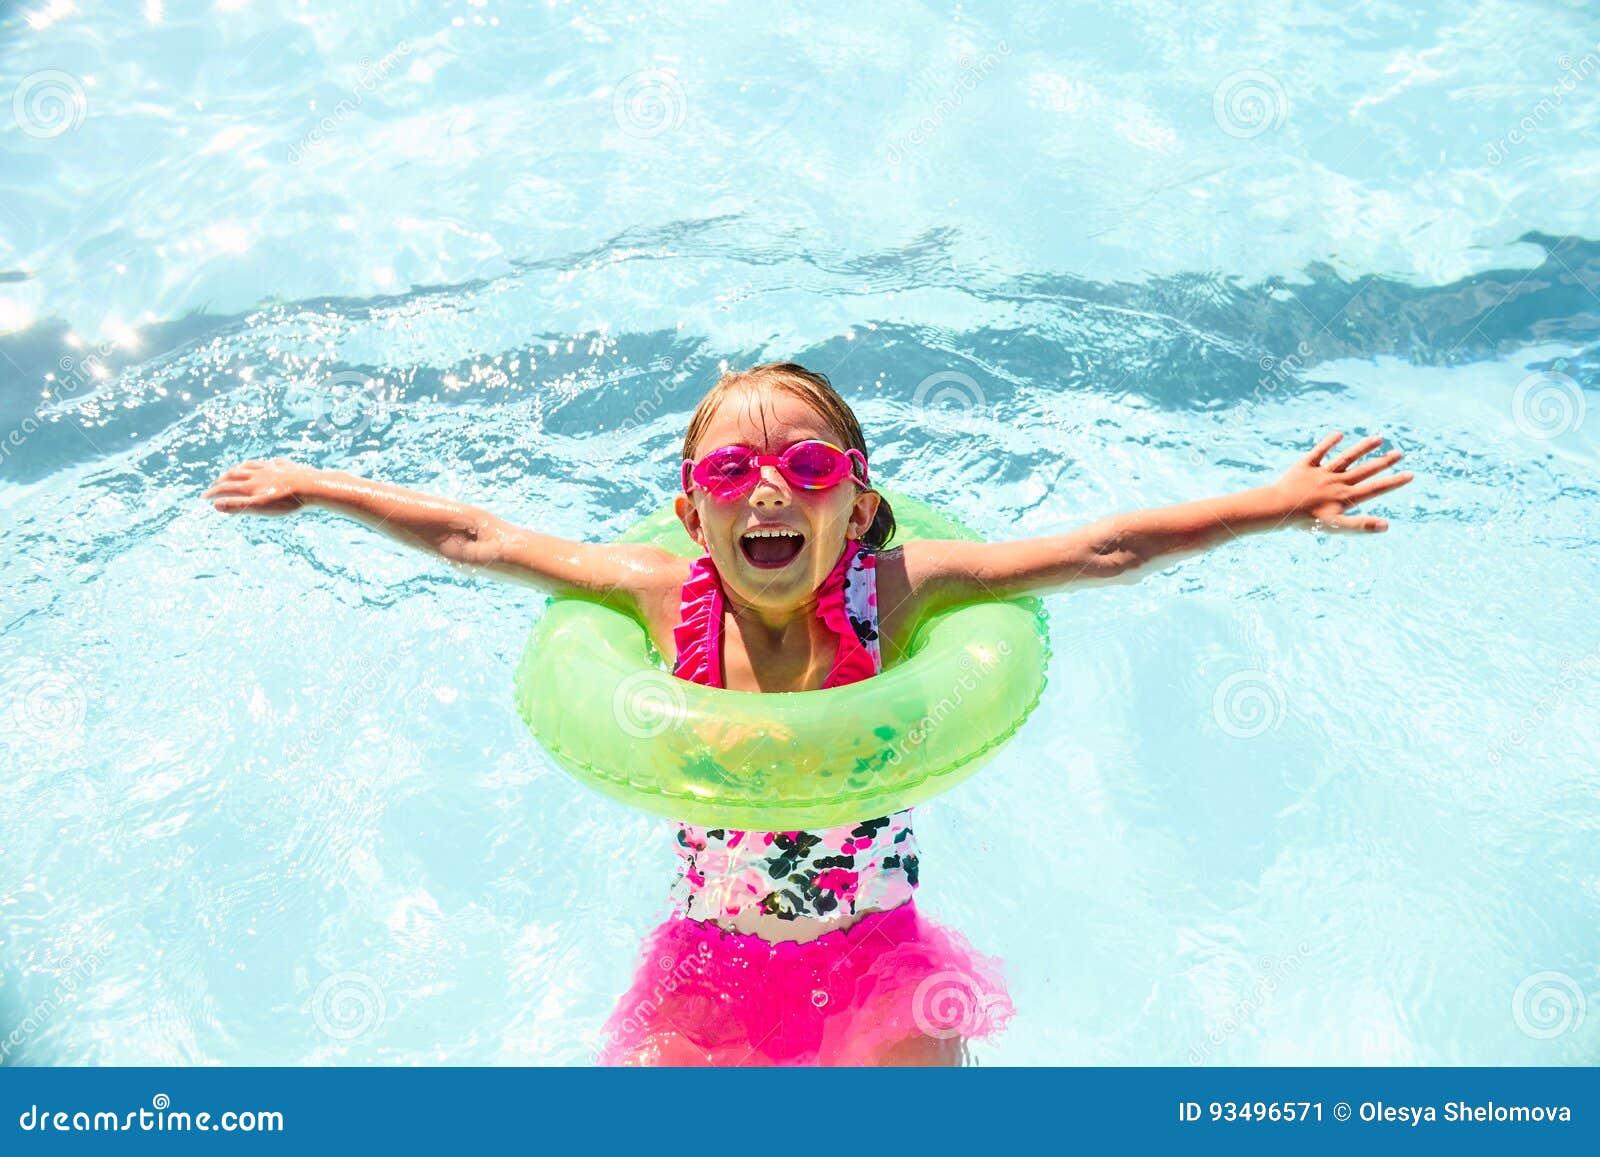 Happy little girl wearing flotation ring in pool